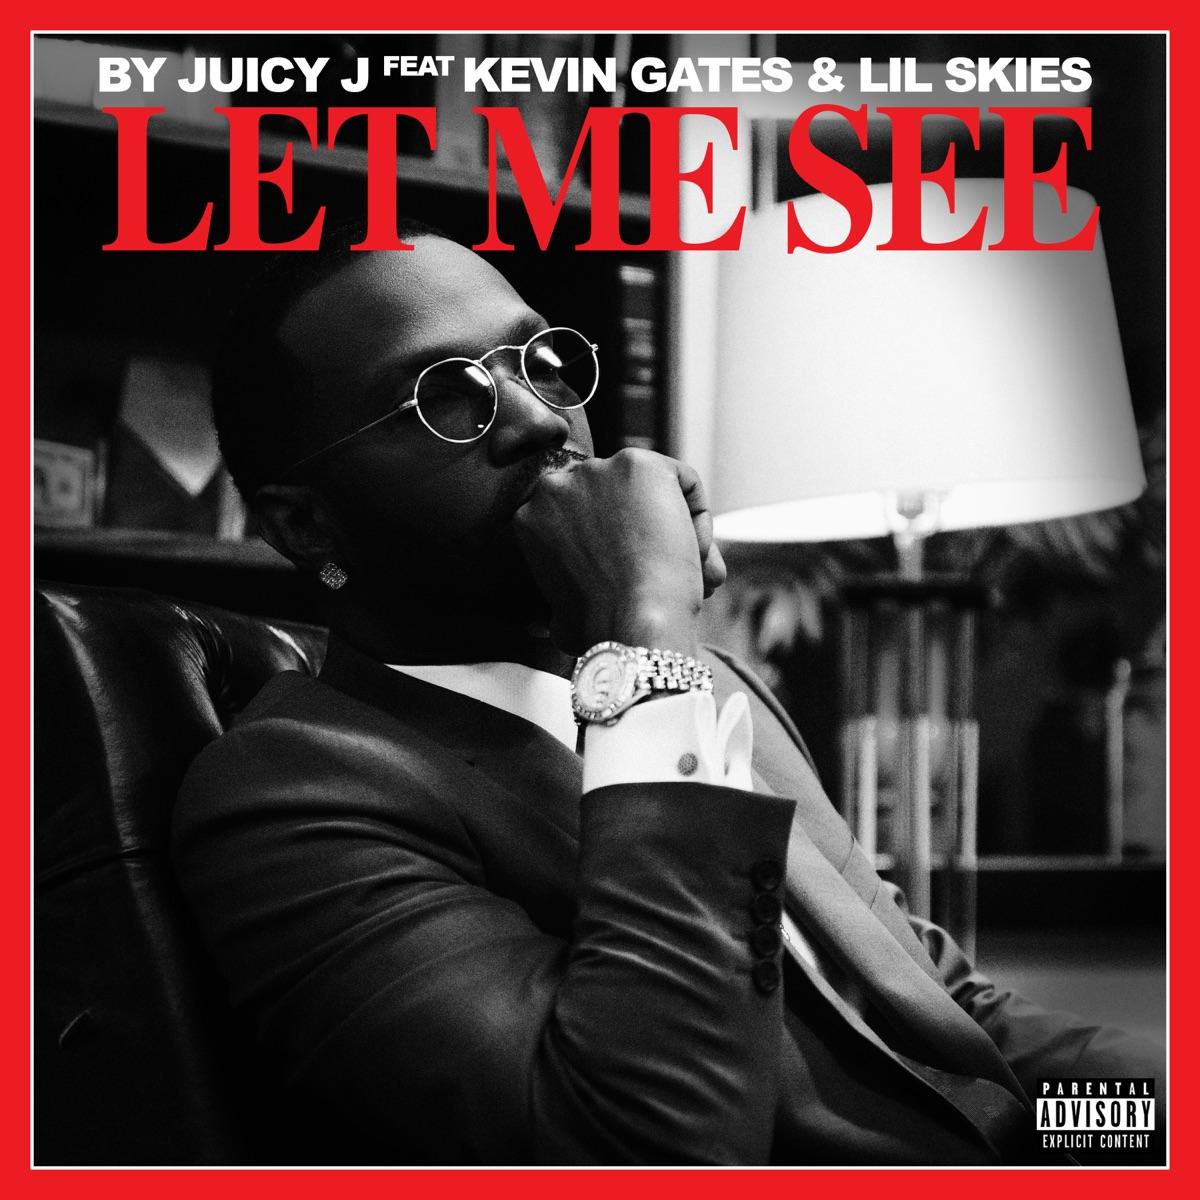 Let Me See Album Cover by Juicy J